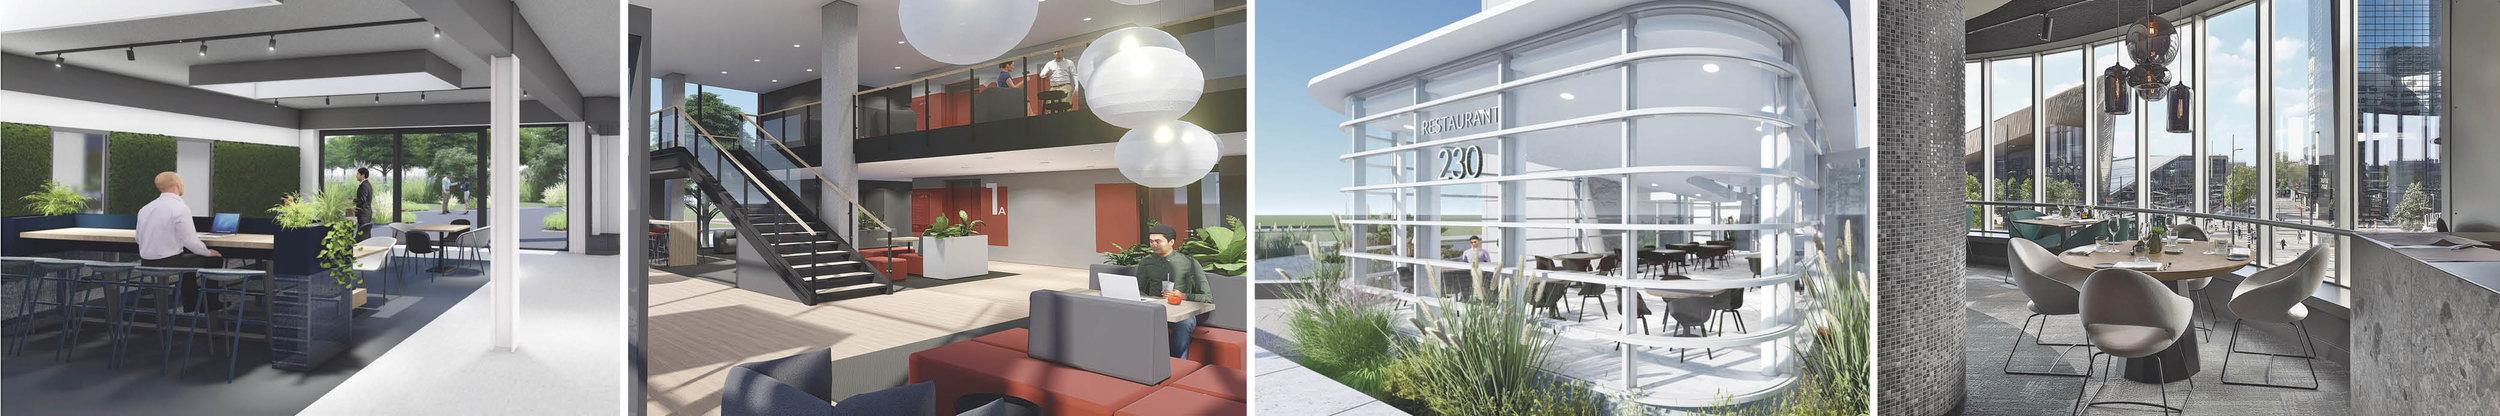 MAAQ Design + Build - VACATURE - Junior Interieur Architect